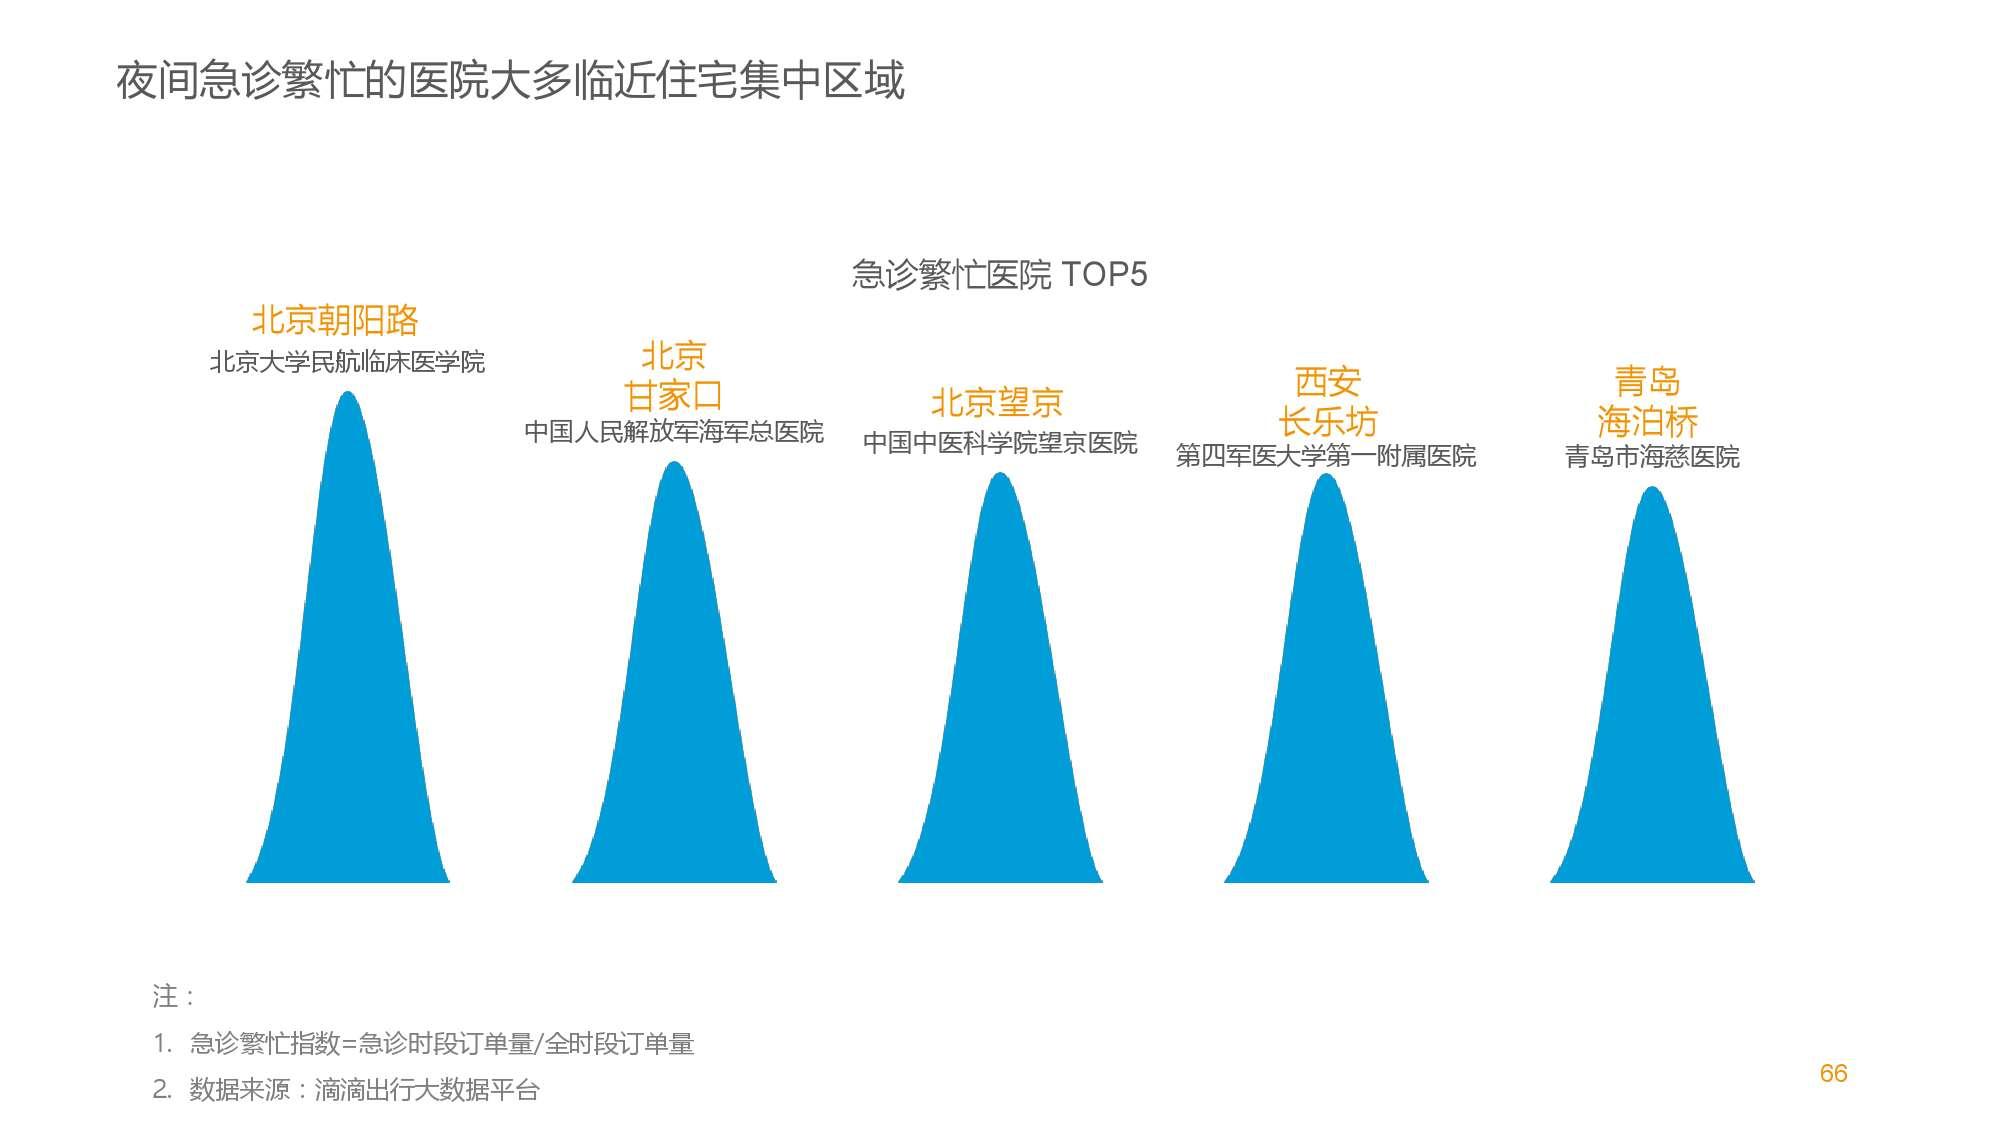 中国智能出行2015大数据报告_000066